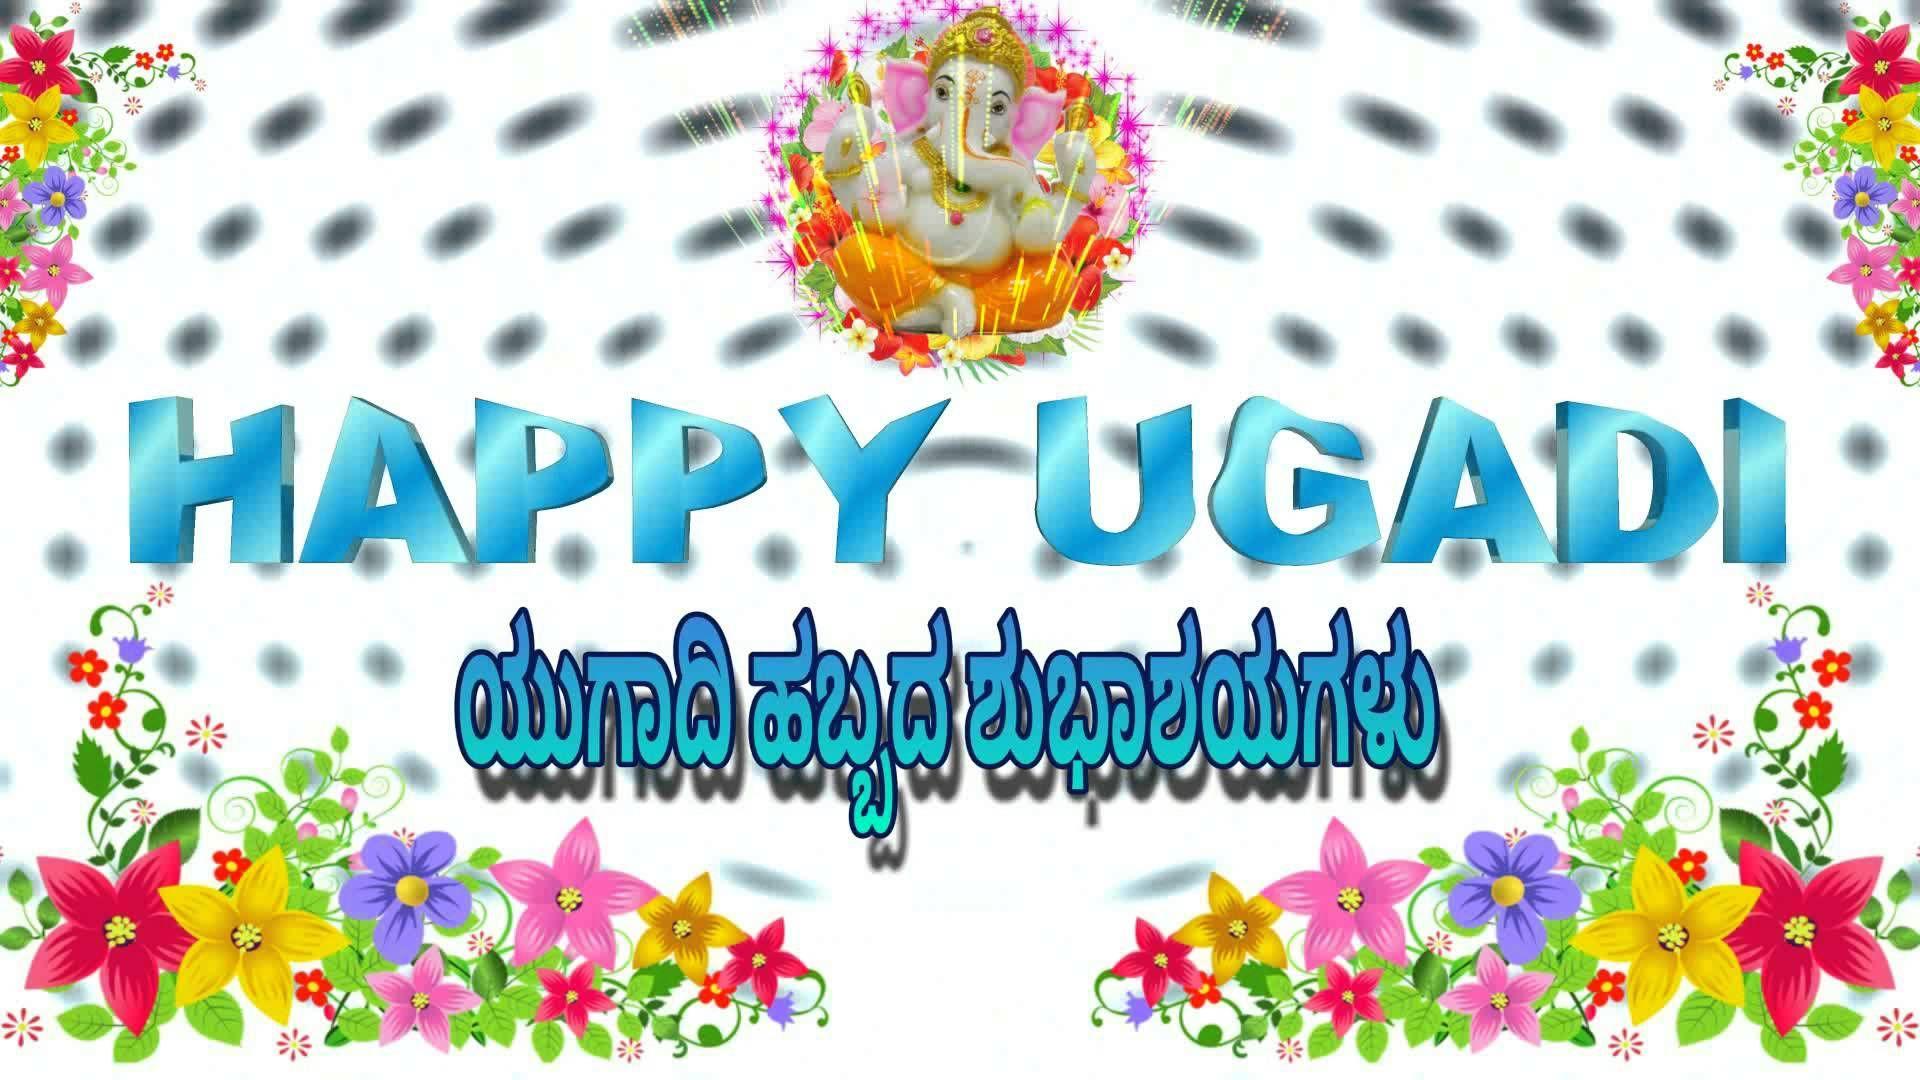 Happy Ugadi 2016 In Kannada Ugadi Kannada Wishes Animation Kannada Ugadi Greetings Happy Greetings In Kannada